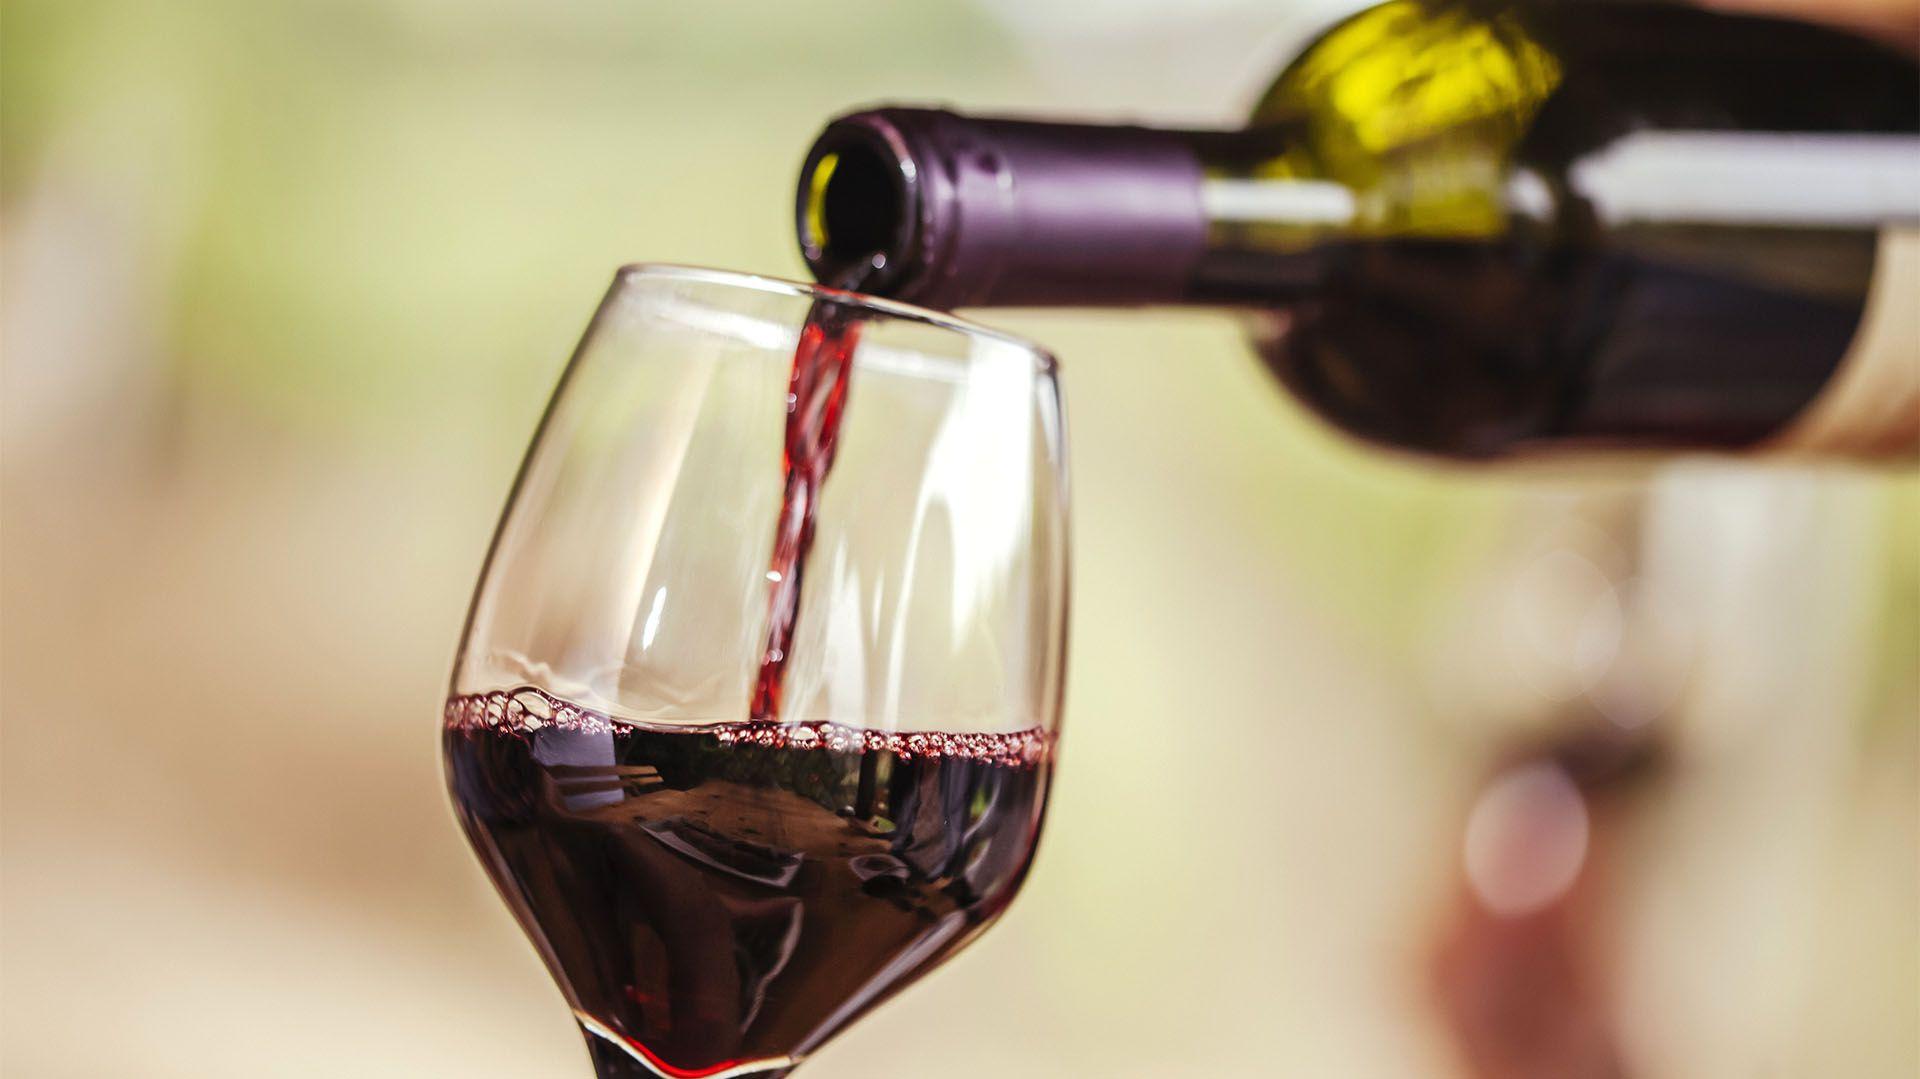 """Incluido en la categoría de """"alimento"""", el vino es el producto insignia de la Argentina. La preferencia por el tinto es abrumadora (Shutterstock)"""